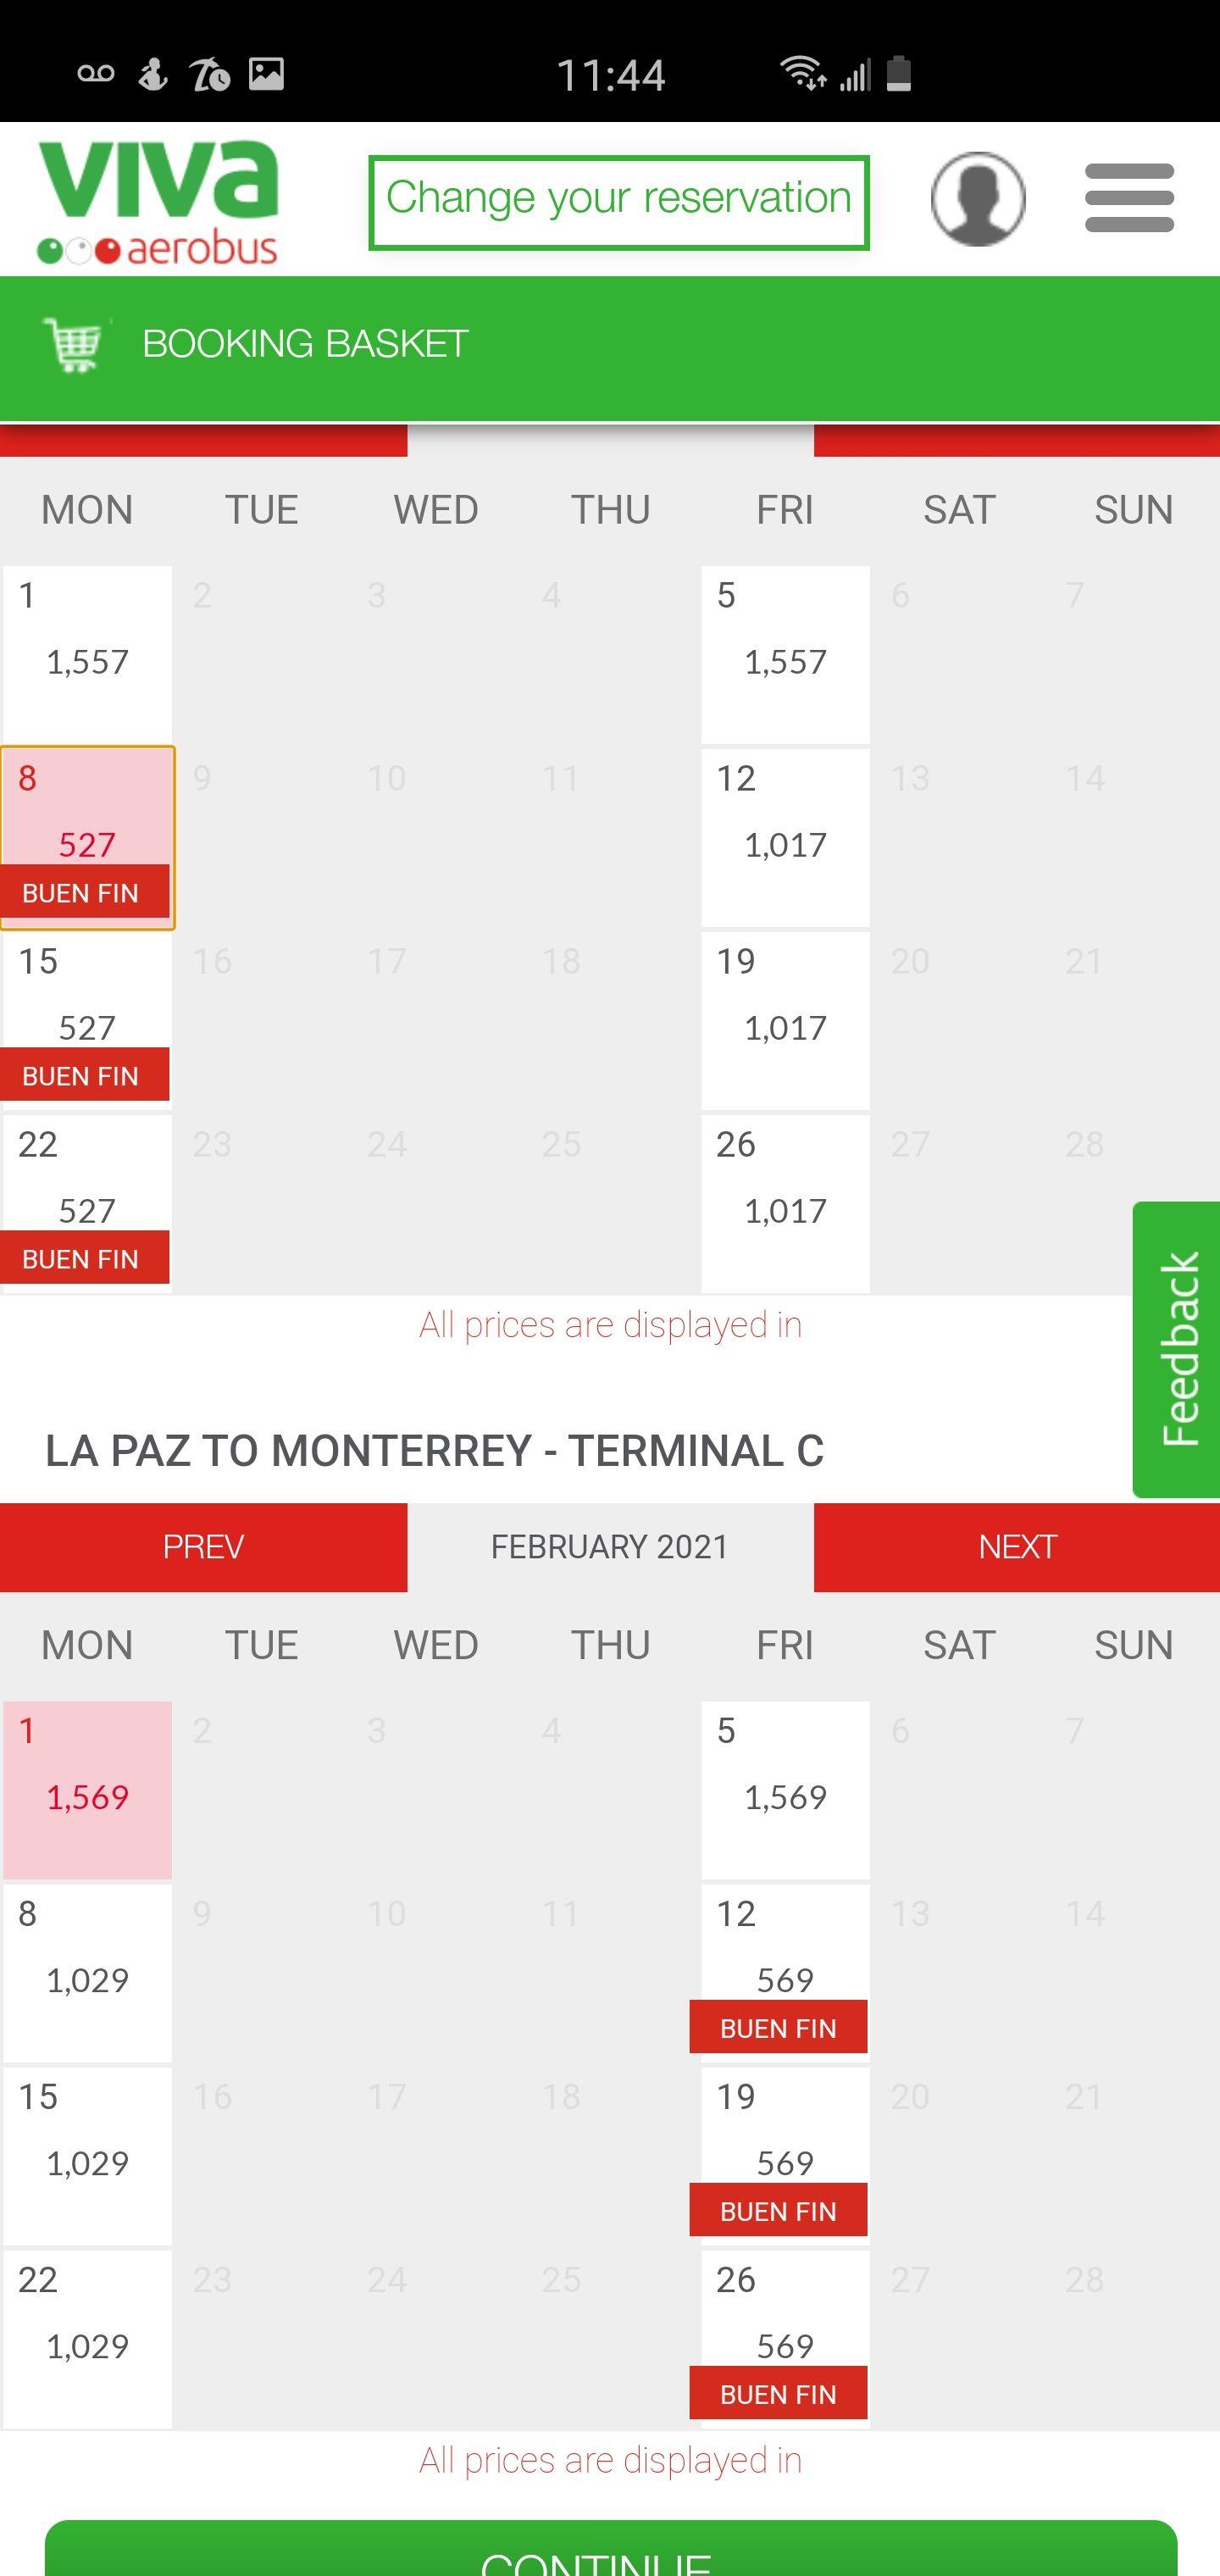 Vivaerobus: Vuelo redondo mty-la paz en febrero ya con impuestos incluidos (tarifa zero)